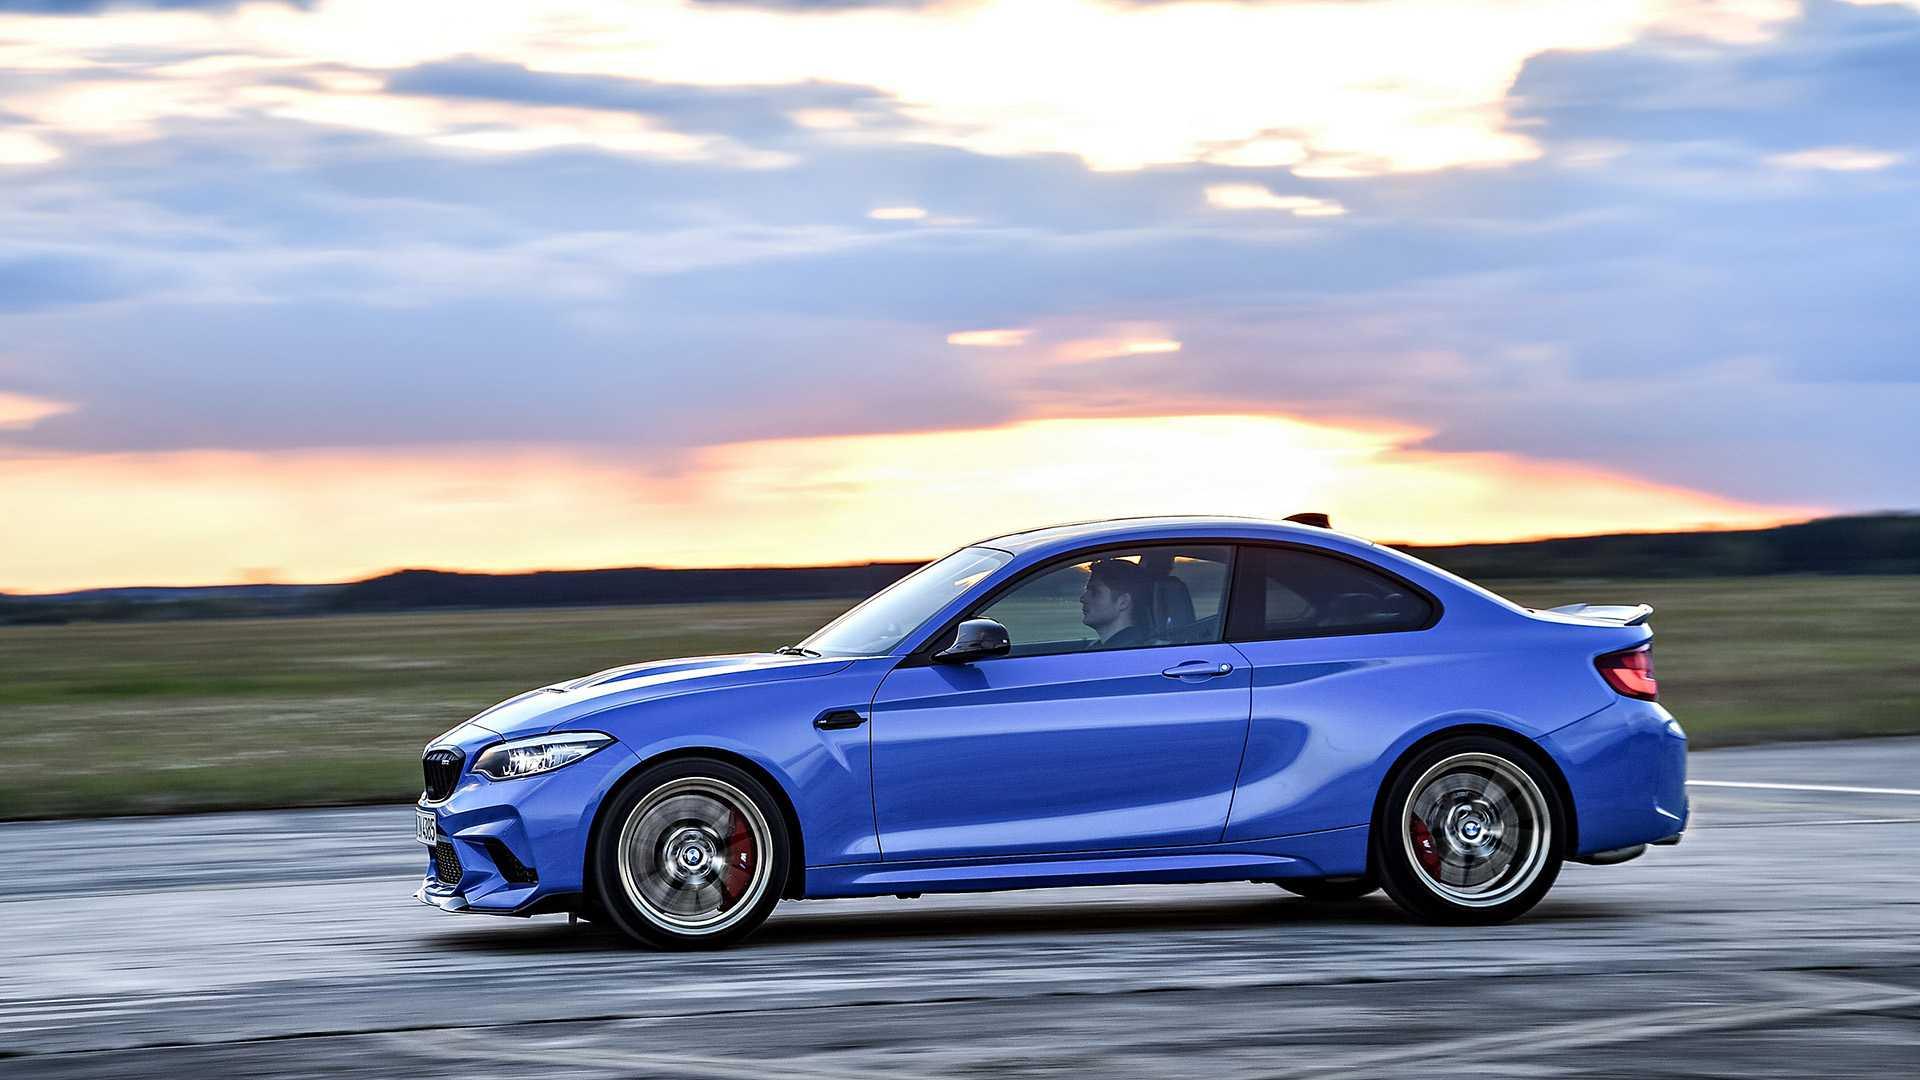 BMW M2 xDrive Coupe Wallpaper